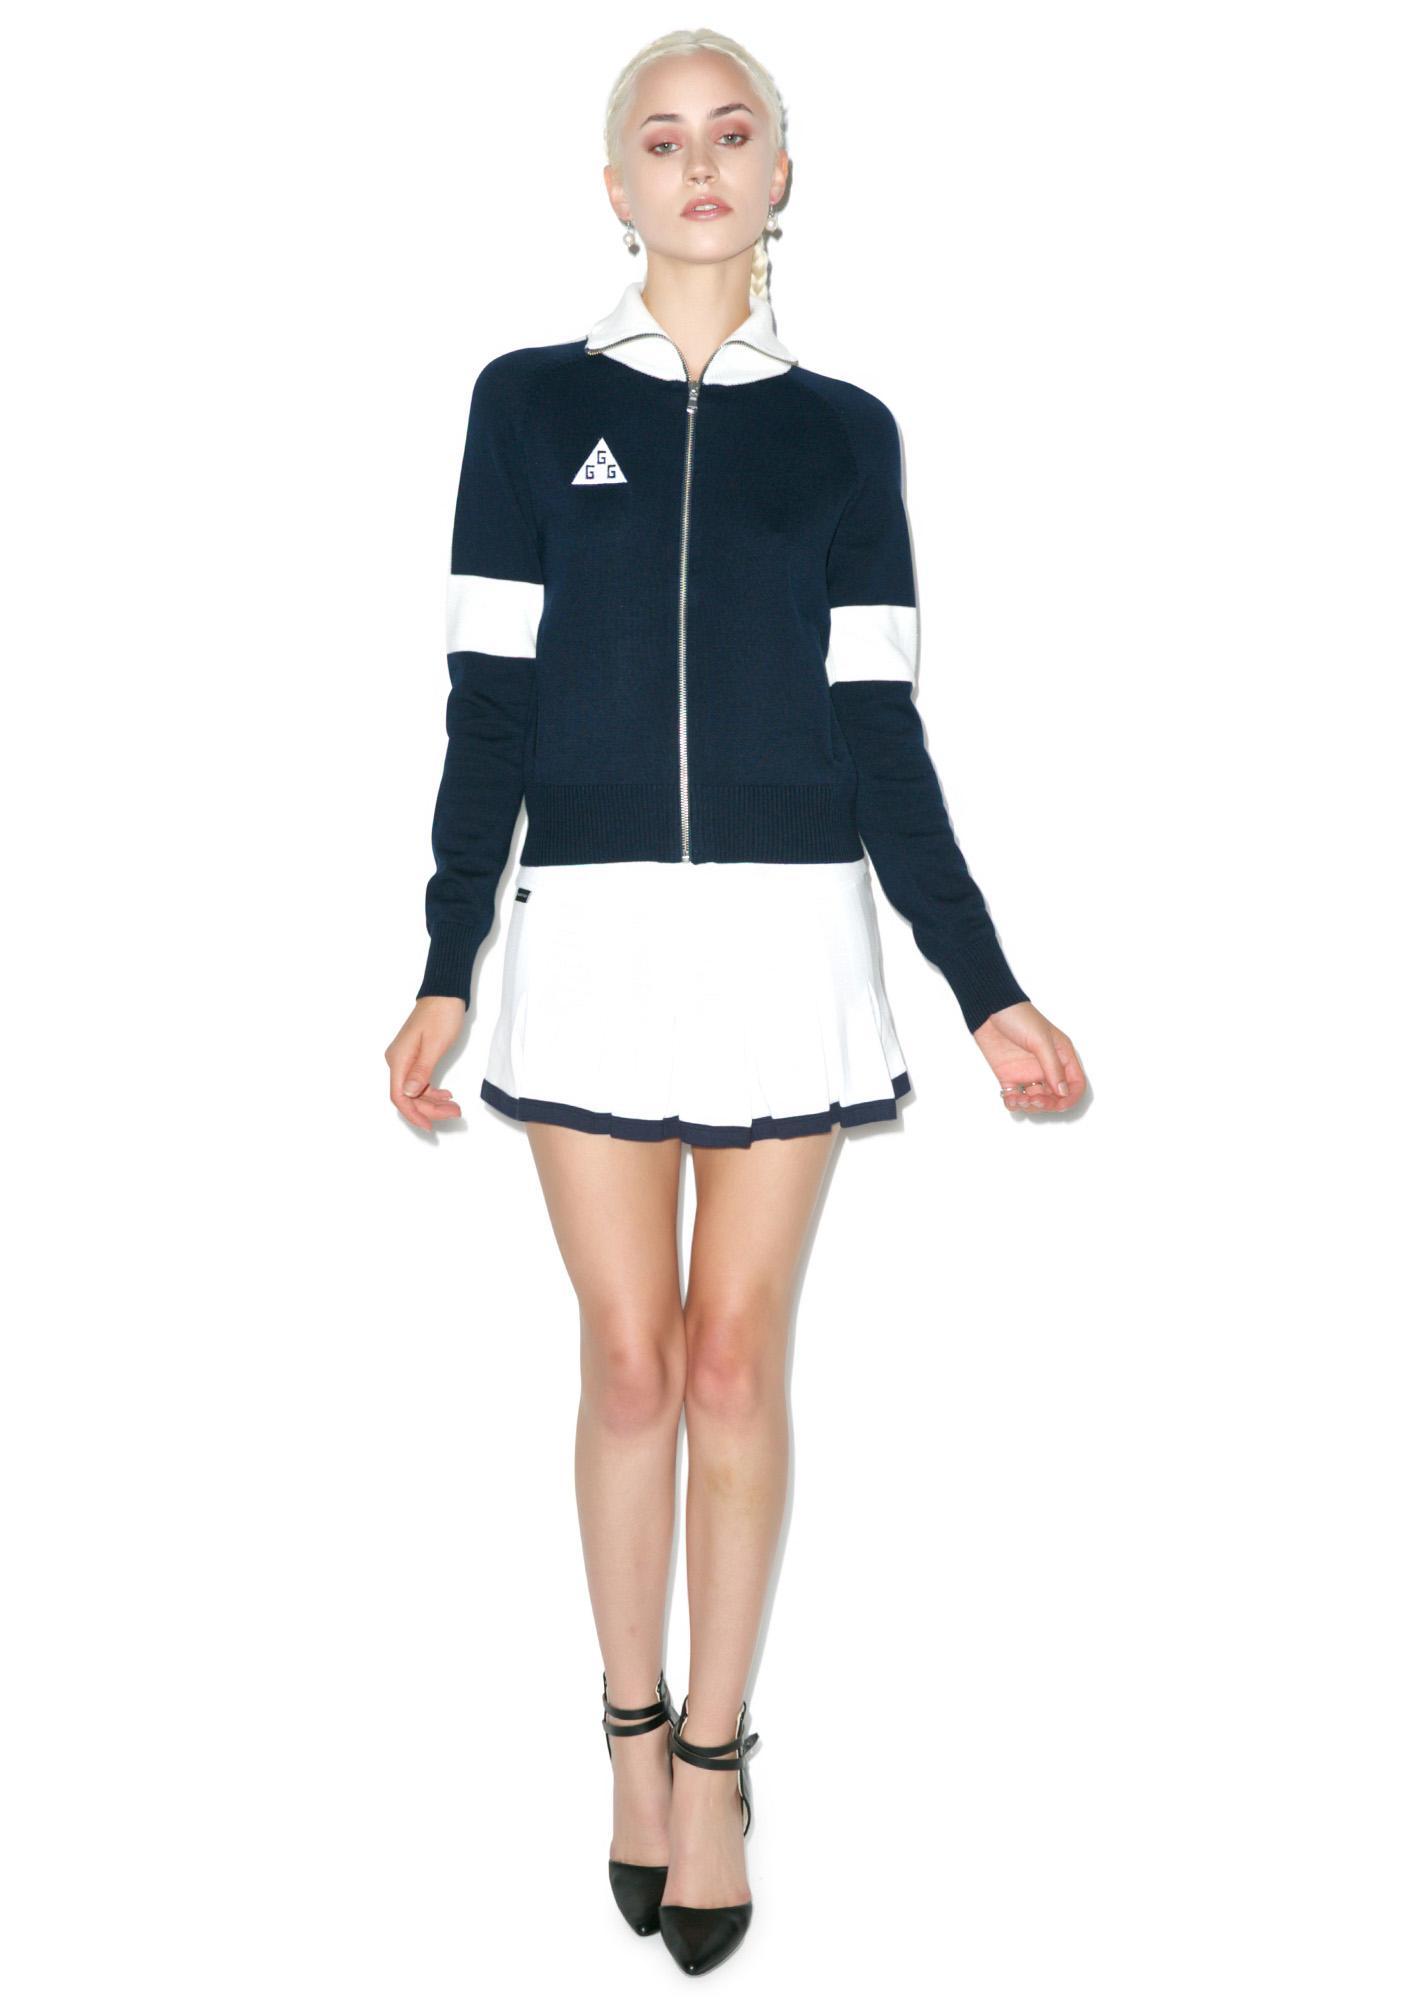 Black Scale Sharon Stoned Jacket